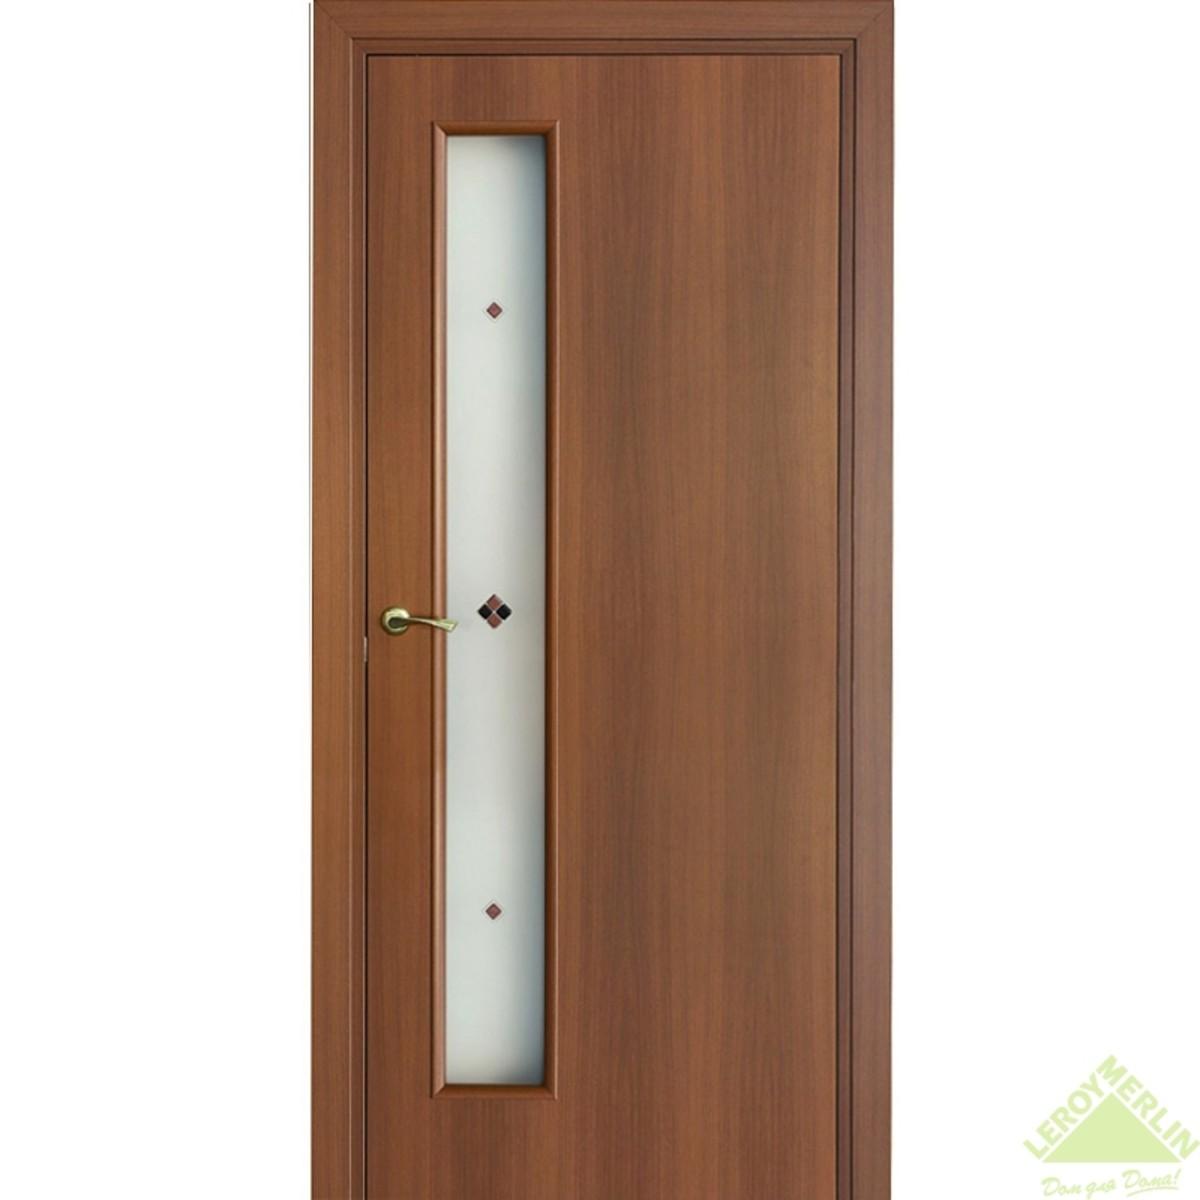 Дверь Межкомнатная Остеклённая Фортунато 80x200 Ламинация Цвет Орех